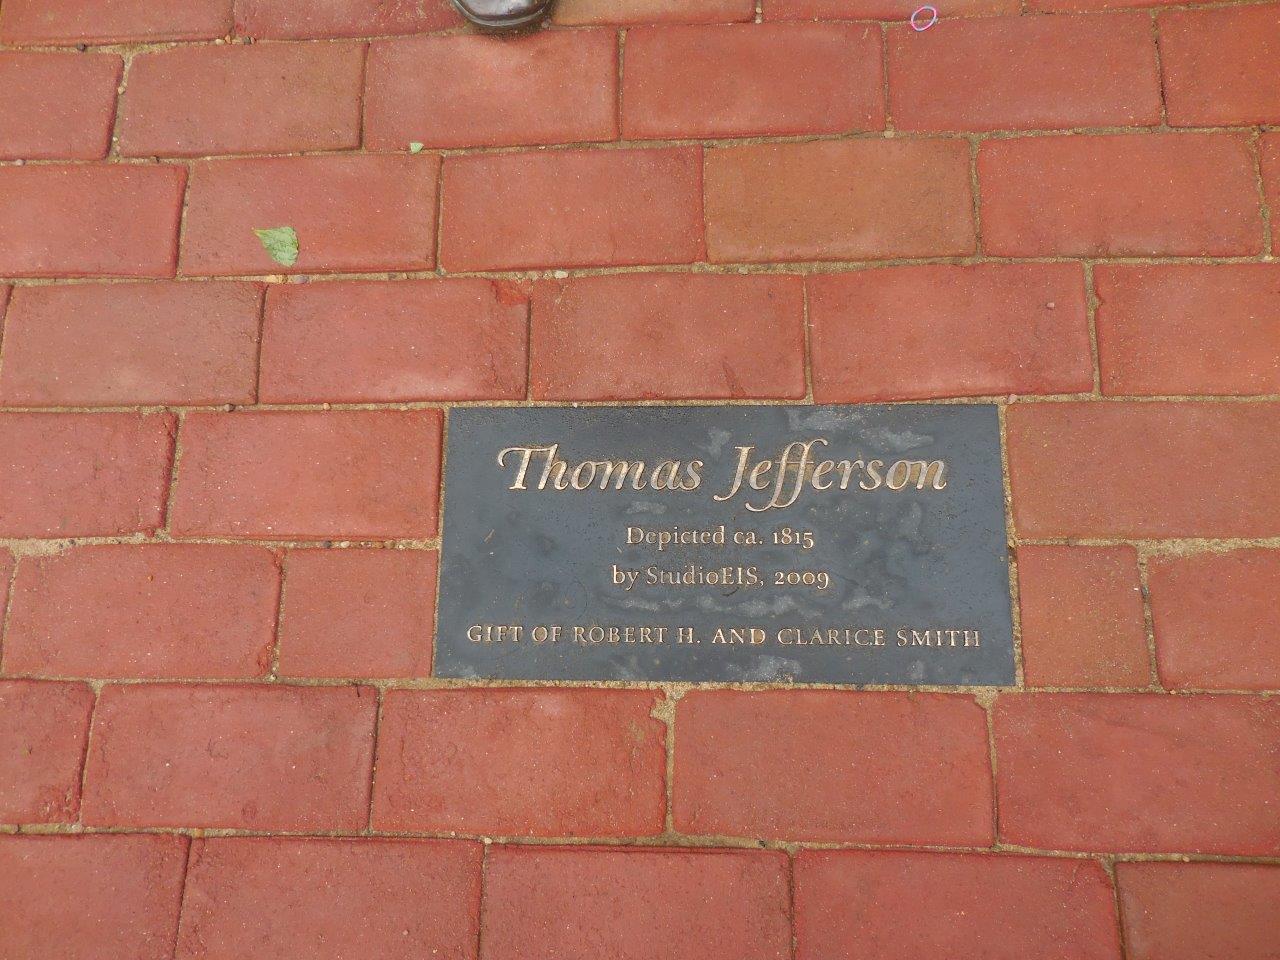 Thomas Jefferson Statue at Monticello